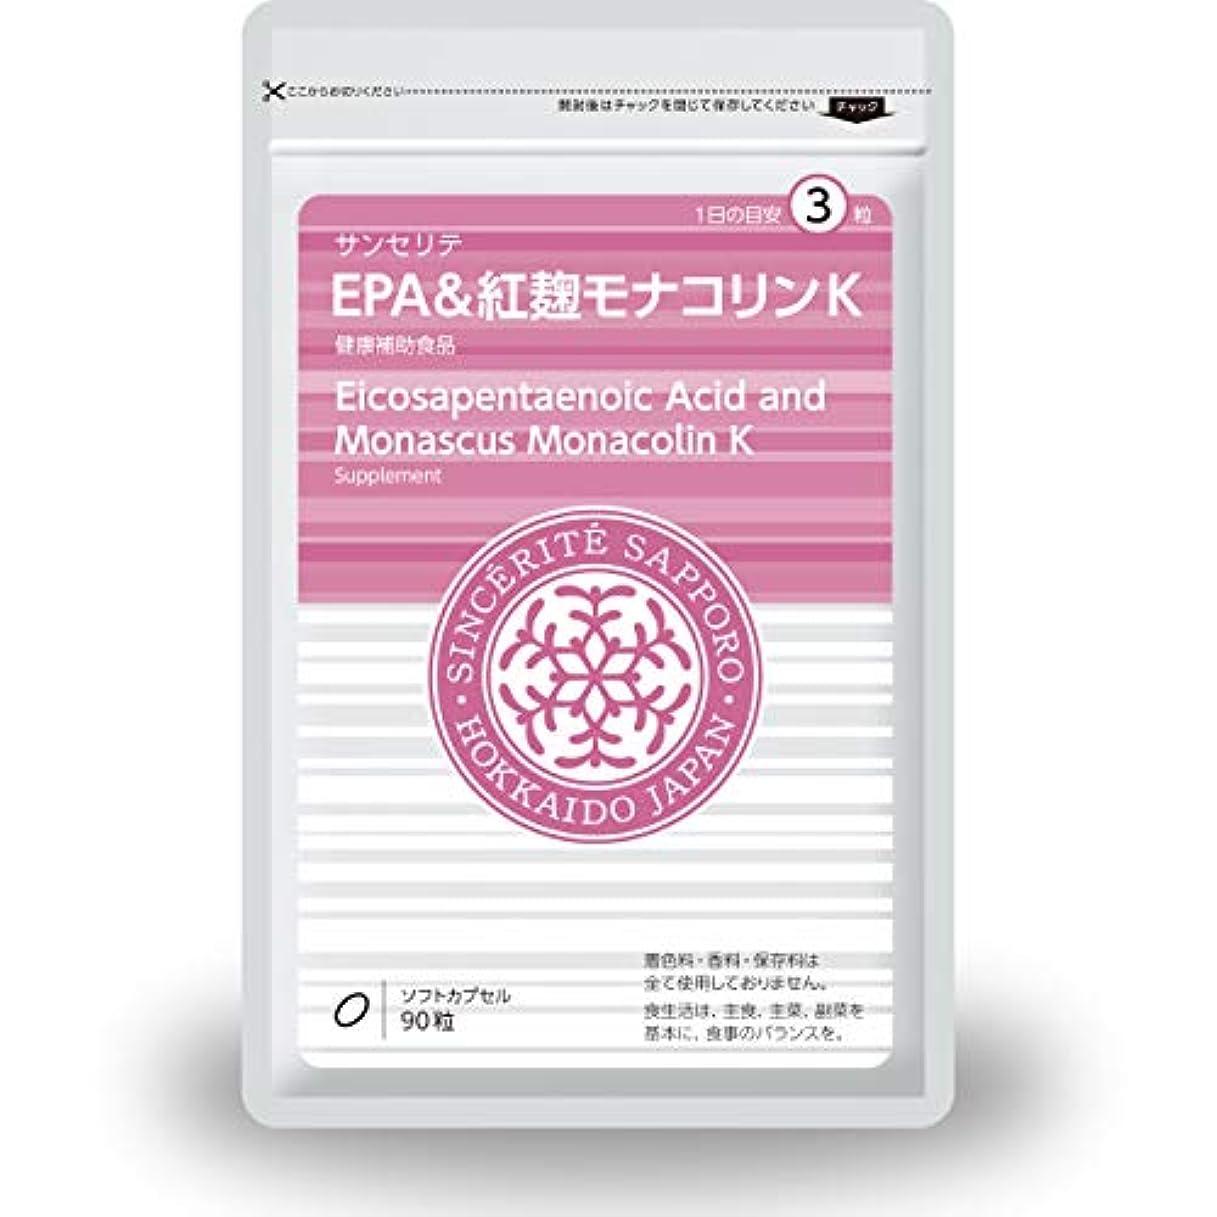 エレベータードラフト脱走EPA&紅麹モナコリンK [EPA]200mg配合[国内製造]しっかり30日分